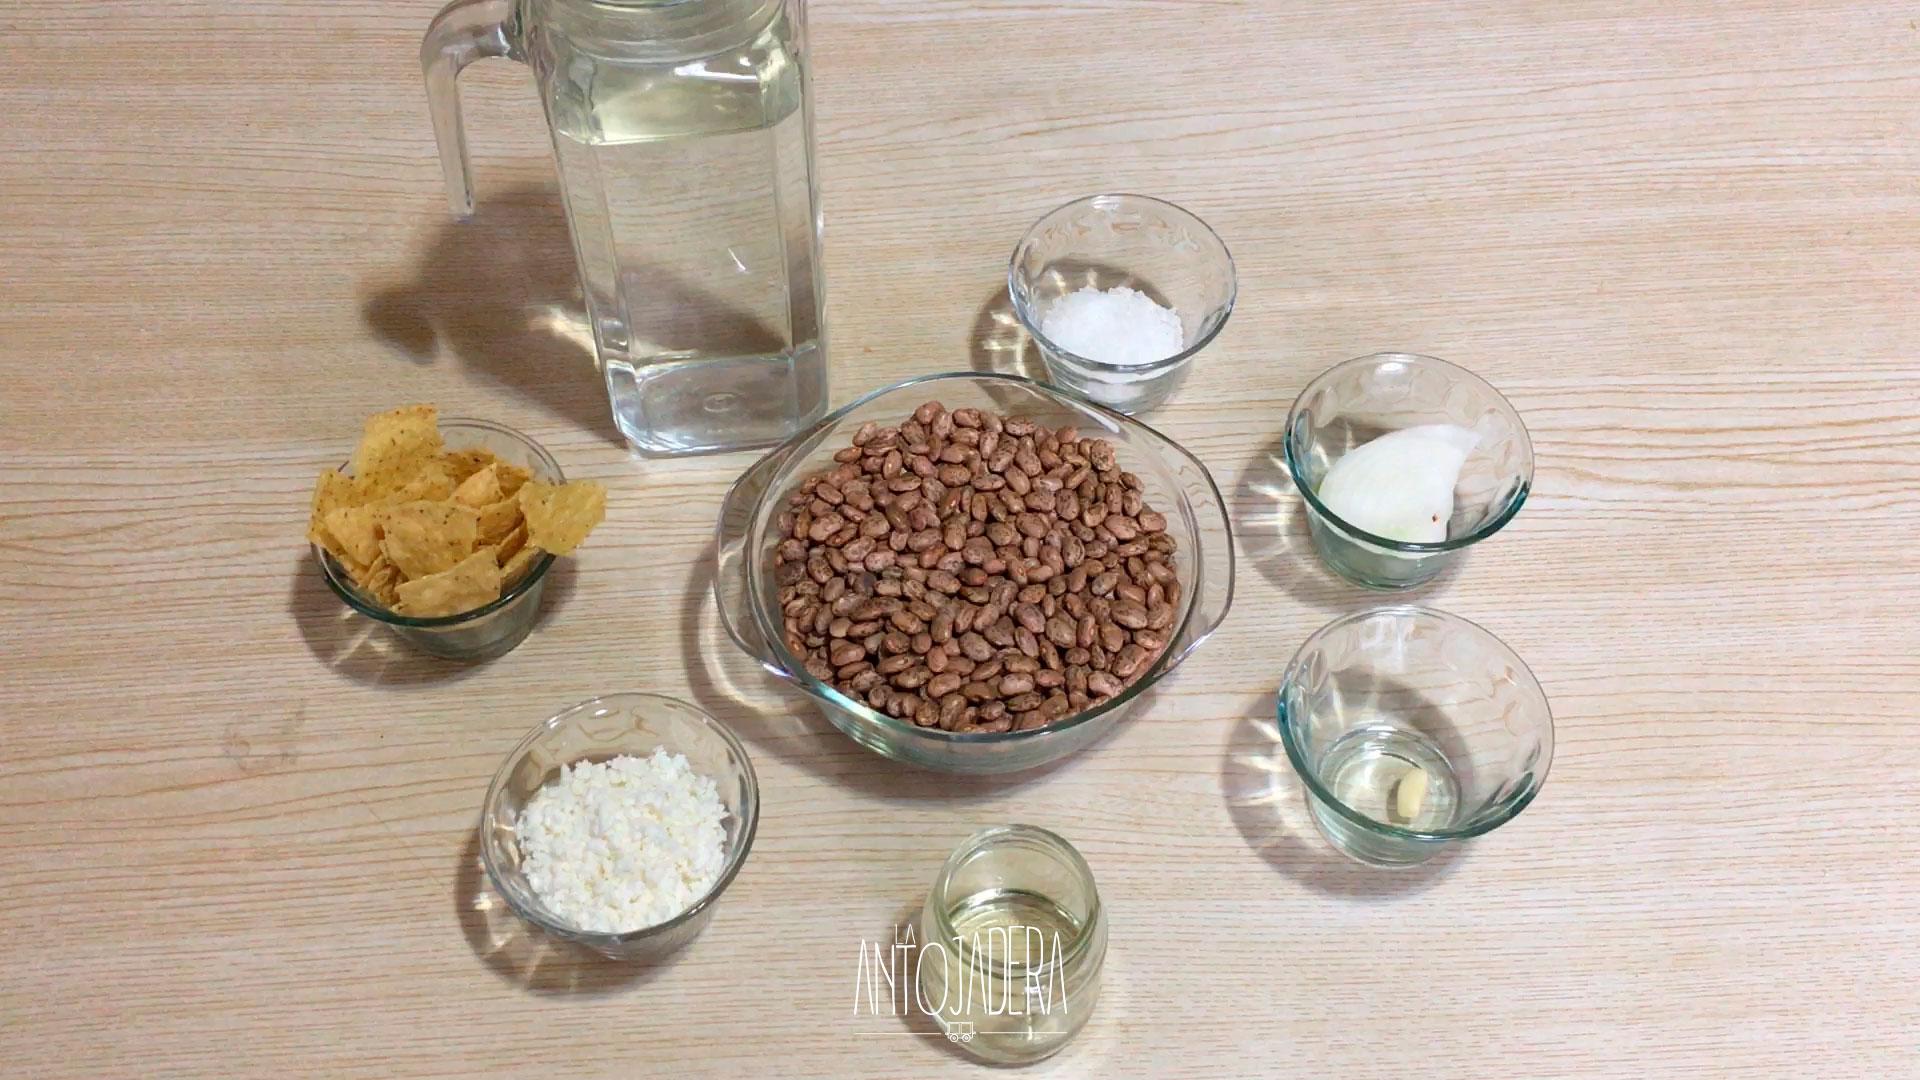 La Antojadera | Frijoles Refritos